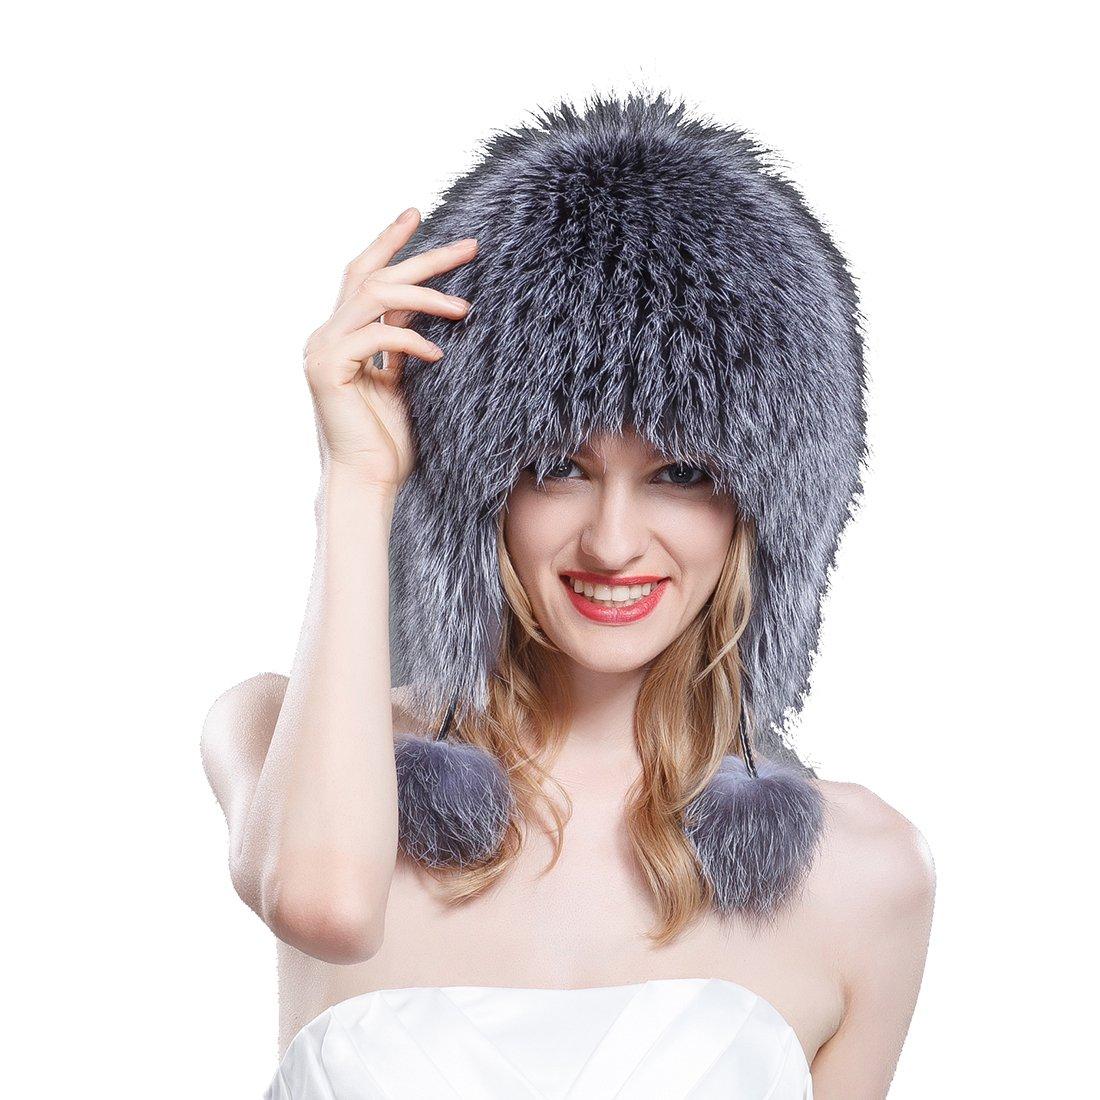 URSFUR Silver Fox Fur Bonnet Hat with Pom Poms Natural Color